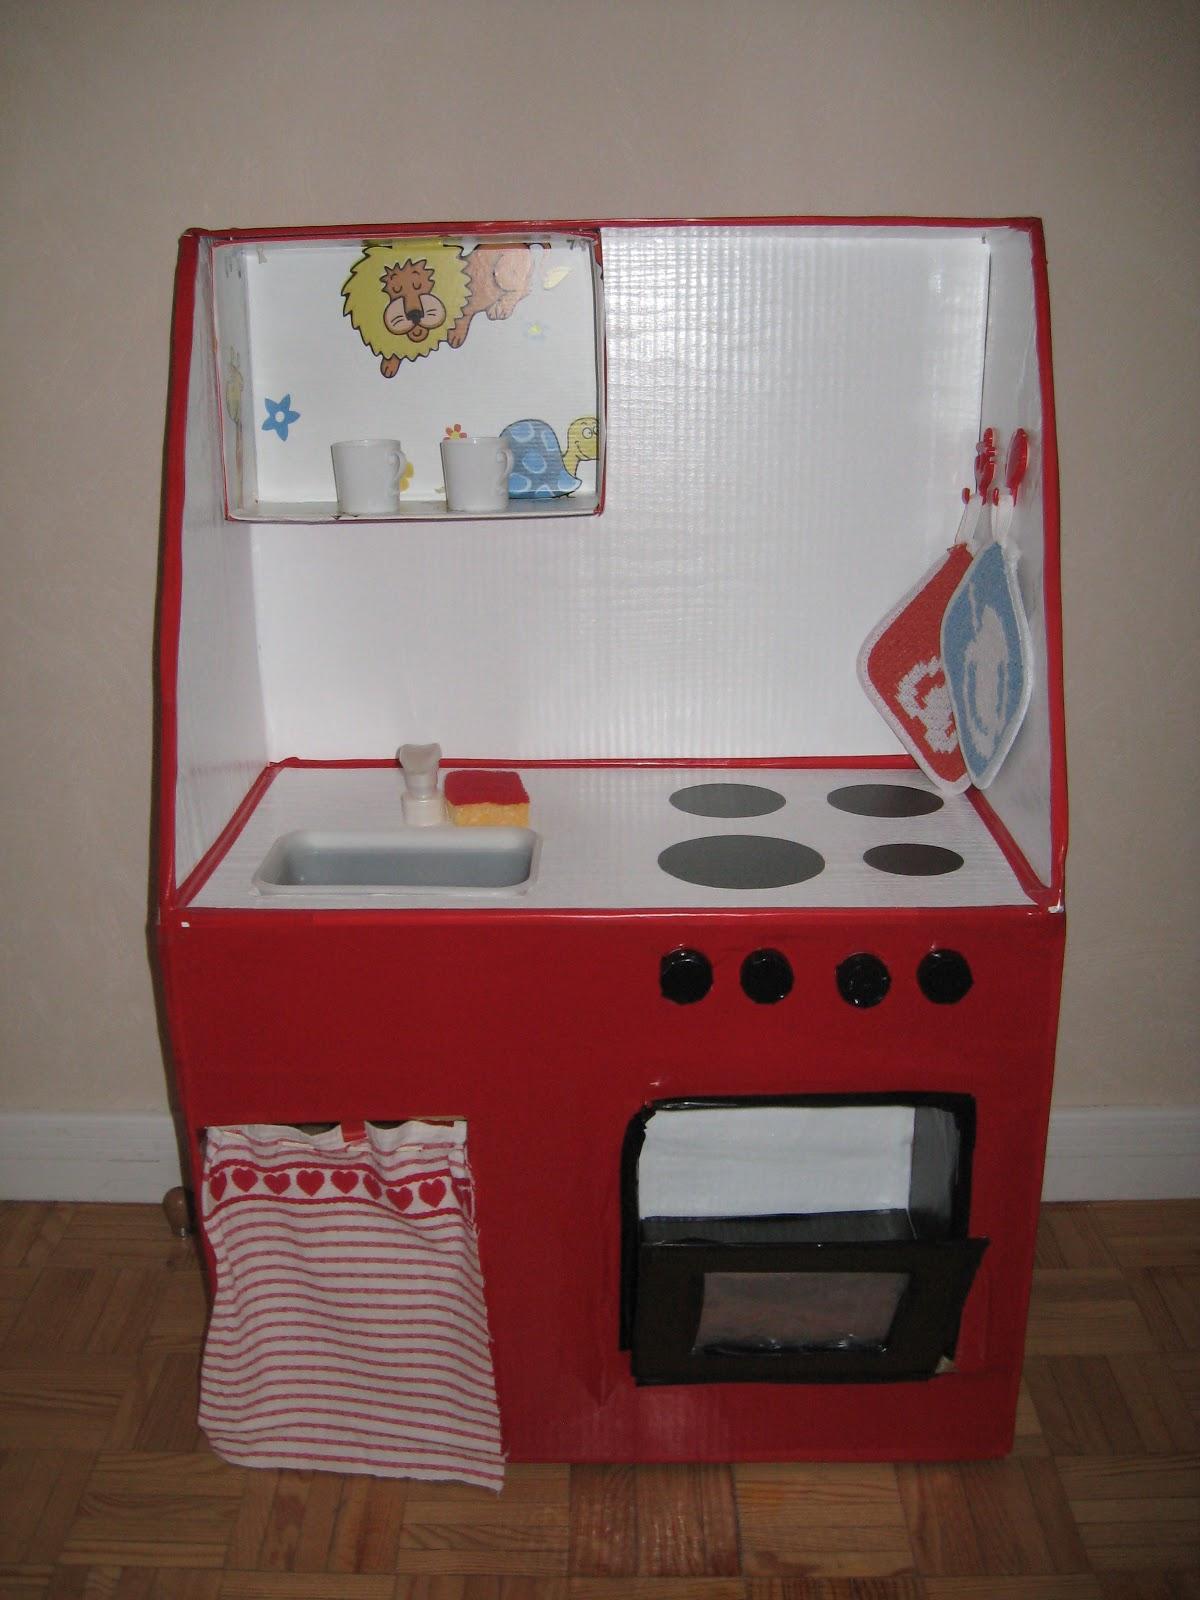 Mammarum giochi fai da te come costruire una cucina per - Costruire una cucina ...